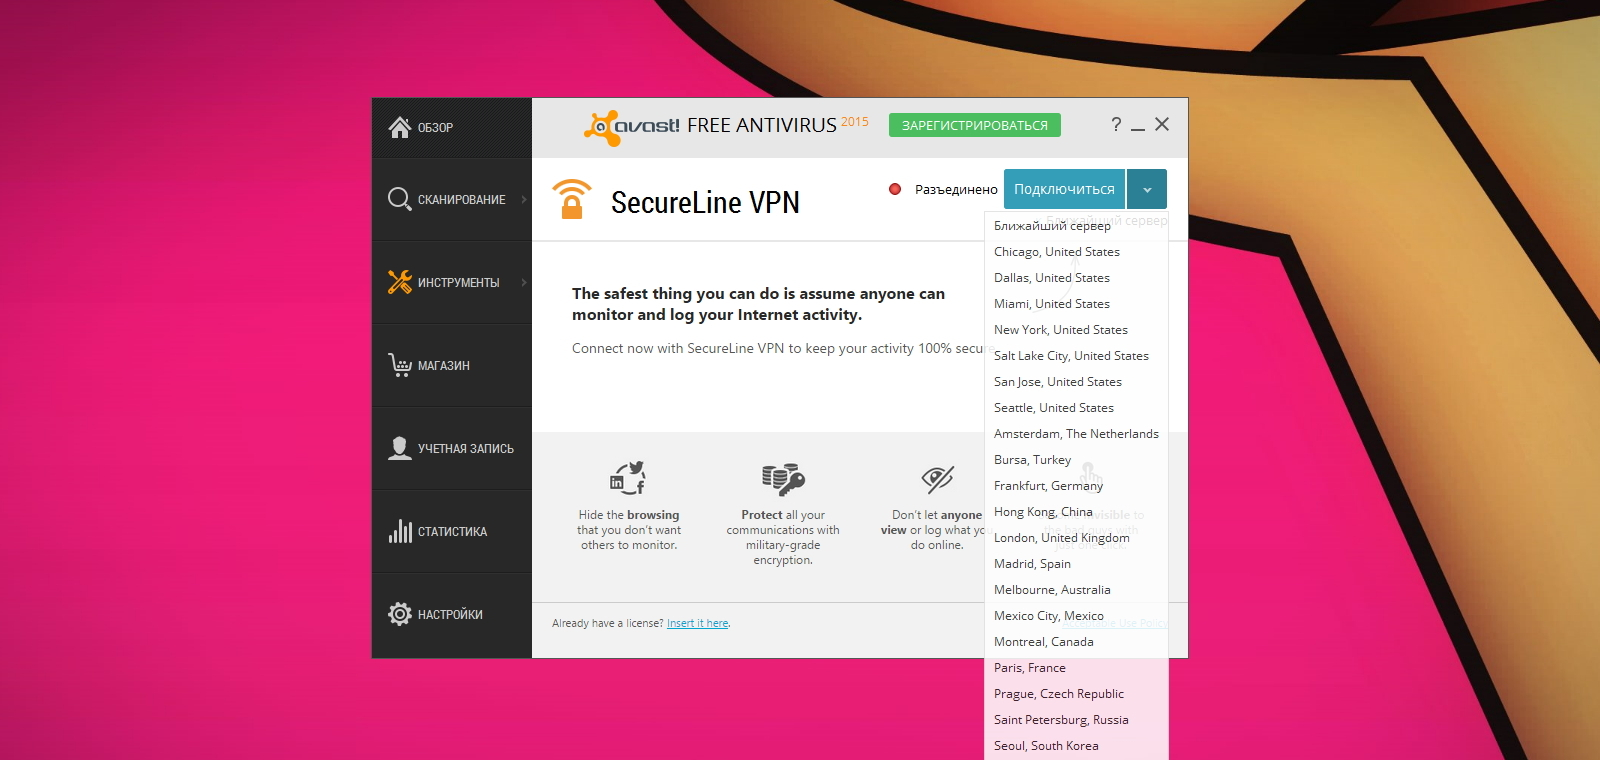 Avast Free AntiVirus — бесплатный антивирус с защитой в реальном времени и VPN